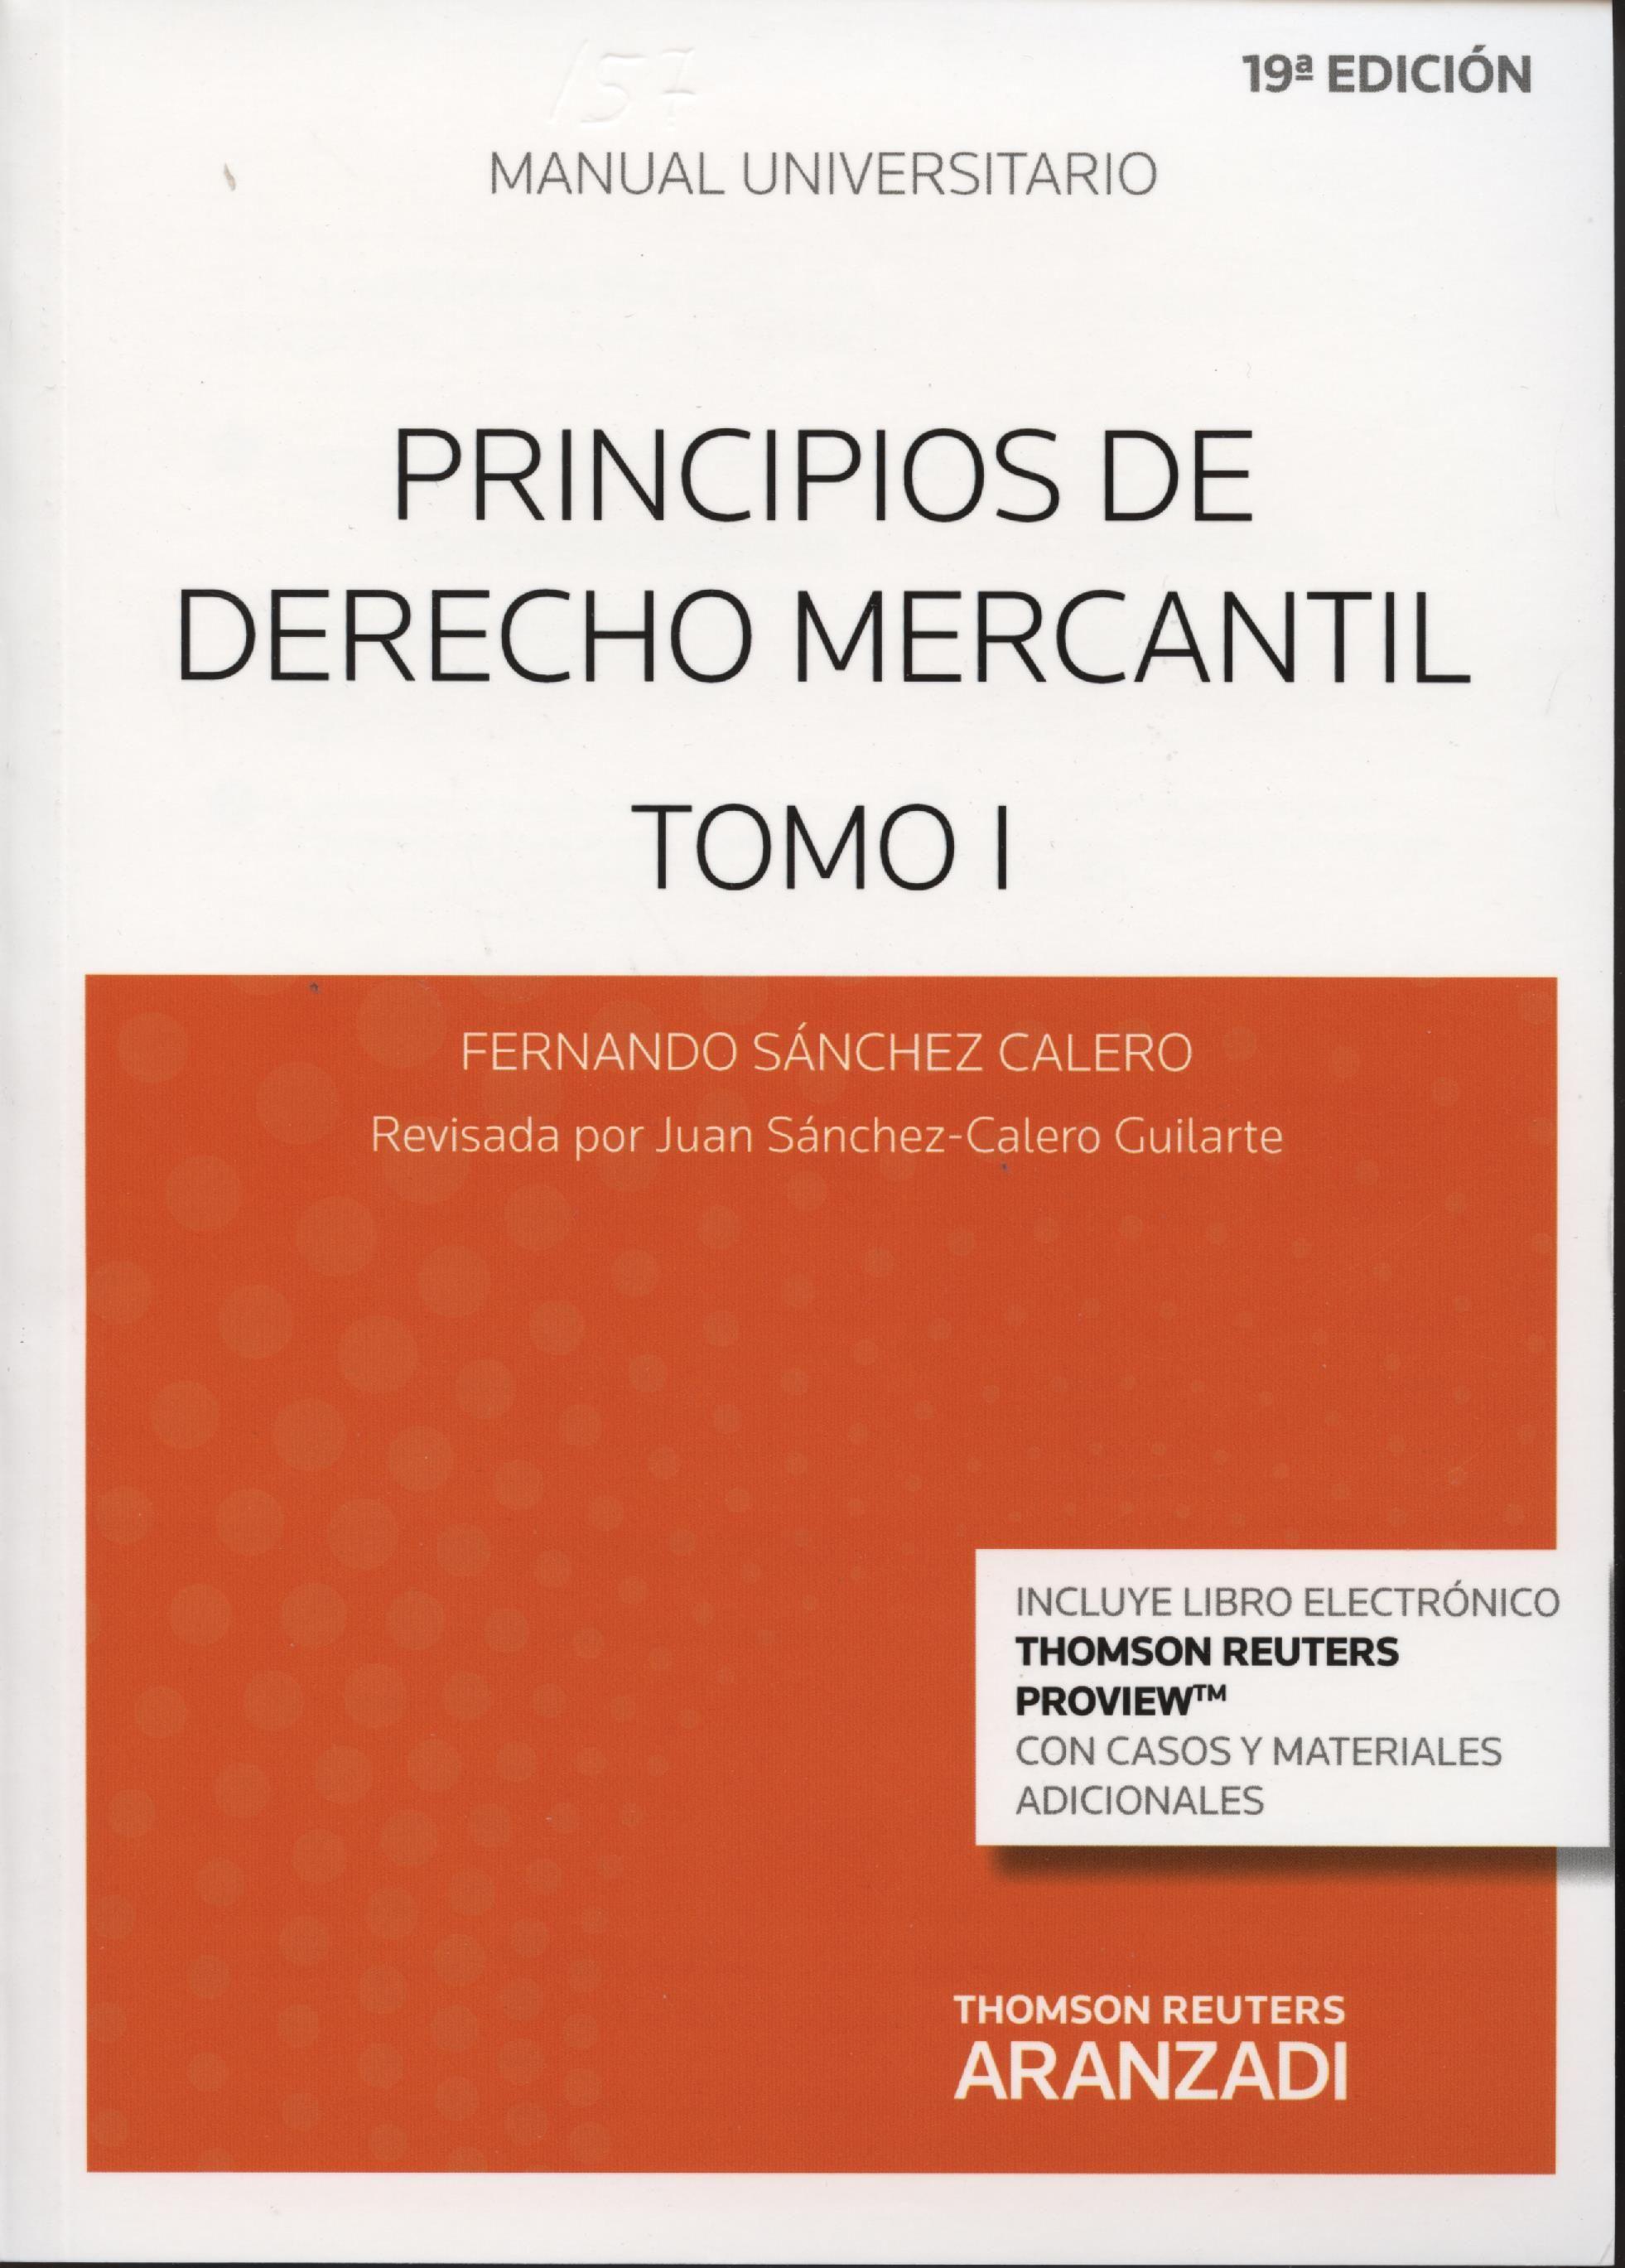 Principios de derecho mercantil / Fernando Sánchez Calero ; edición actualizada por Juan Sánchez-Calero Guilarte 19ª ed. (10ª en Aranzadi) Cizur Menor : Thomson Reuters Aranzadi, 2014 2 v.